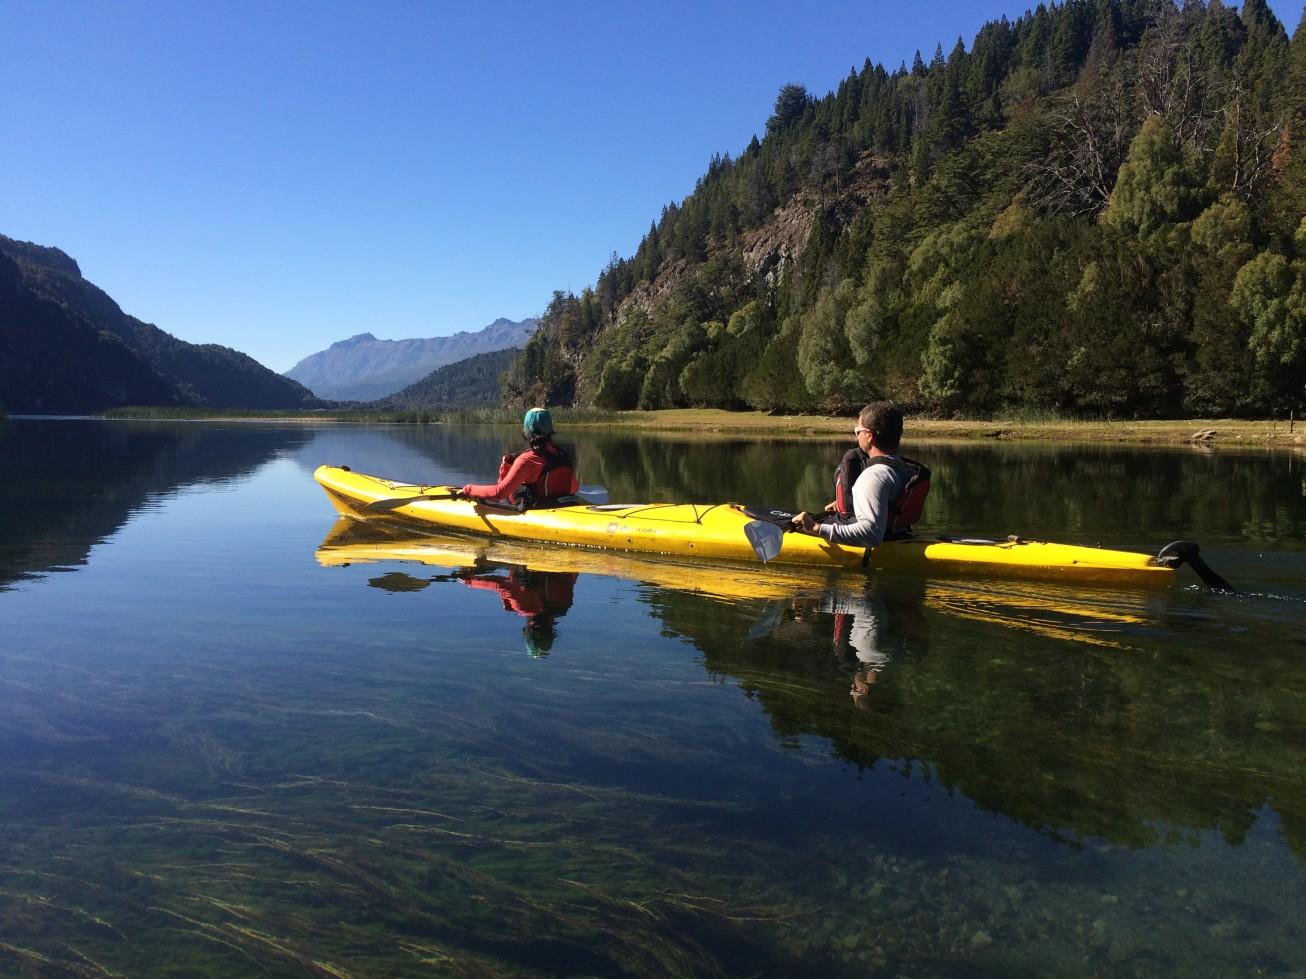 07-Kayaing-in-Bariloche-1